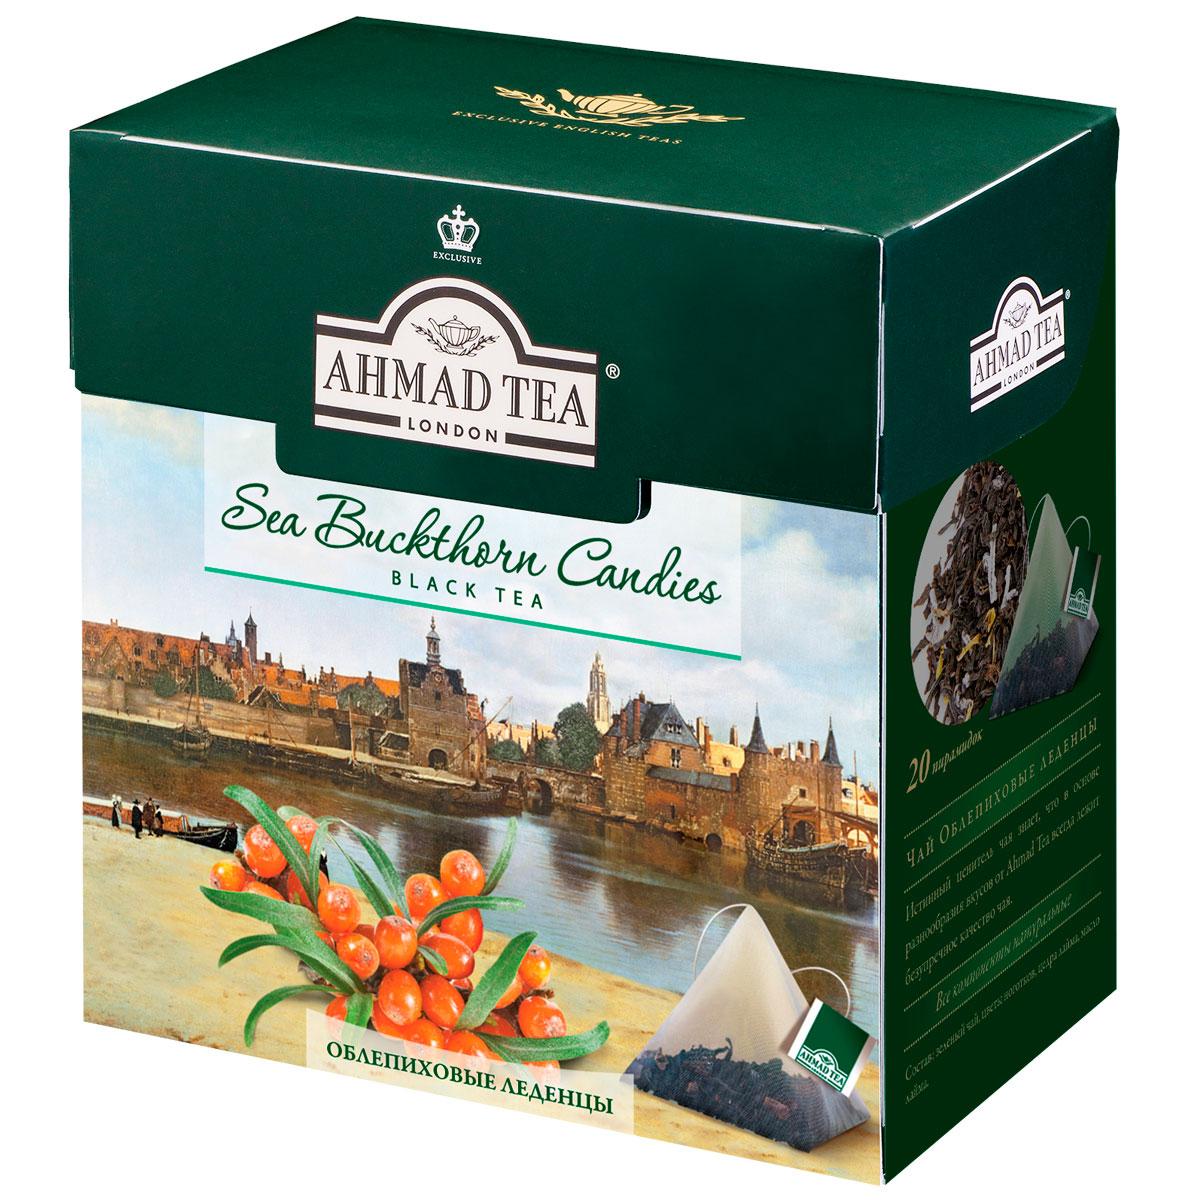 Ahmad Tea Buckthorn Candies черный чай в пирамидках, 20 шт0120710Ahmad Tea Buckthorn Candies - черный чай в пирамидках. Ягоды облепихи в сочетании с черным чаем составляют утонченную вкусовую палитру. Букет цейлонского и ассамского чая играет главную ноту, которую гармонично подчеркивает кисло-сладкое облепиховое послевкусие.